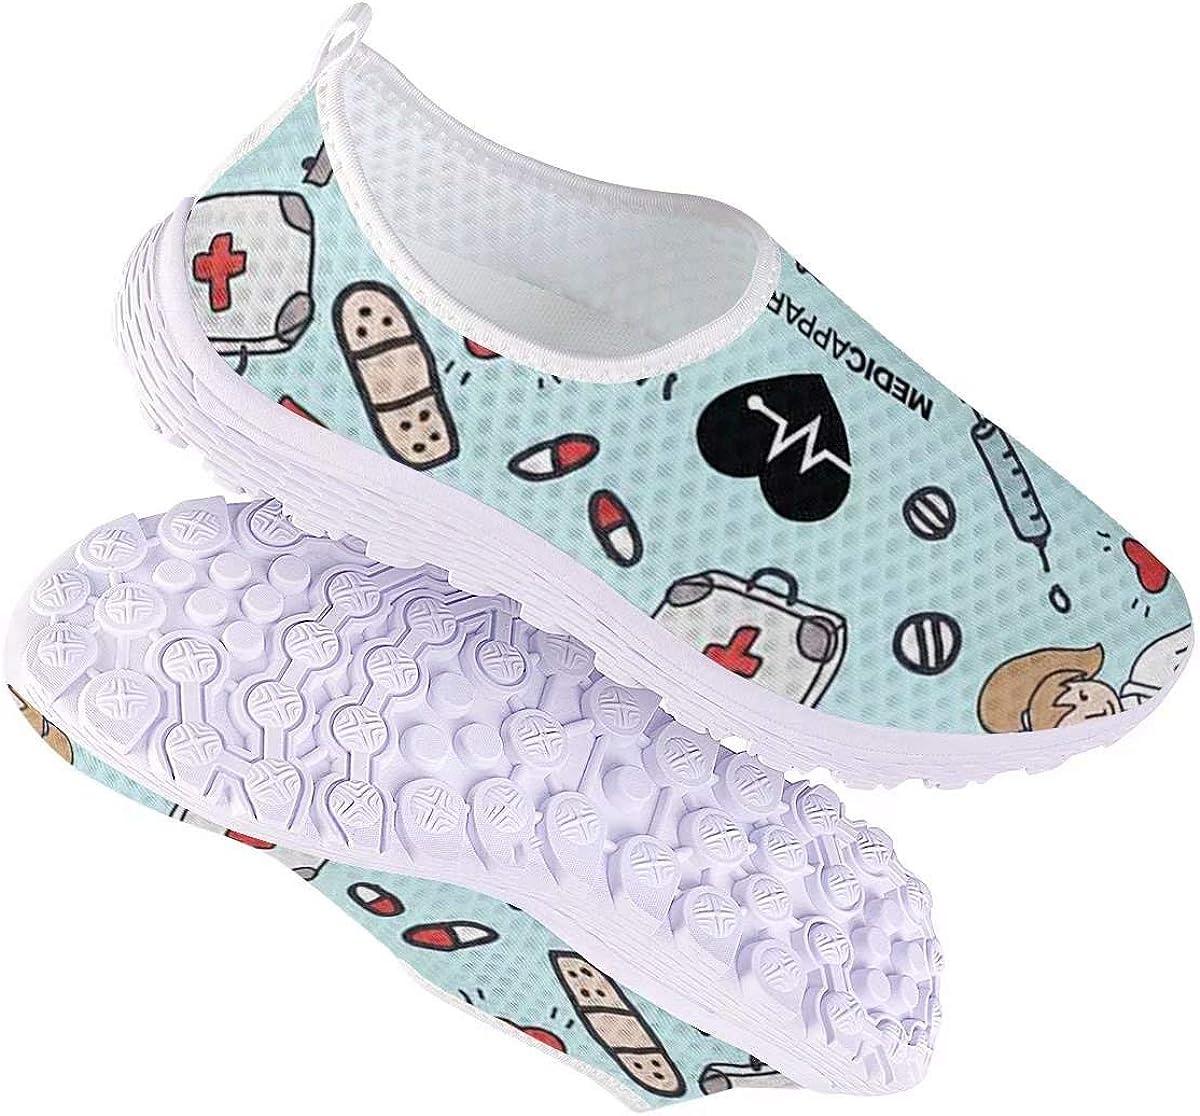 chaqlin Slip-on Chaussures de Marche Léger Vacances d'été Plage Chaussures d'eau Route Running Baskets et Chaussures de Sport 36EU-43EU Cartoon Nurse Pattern 4